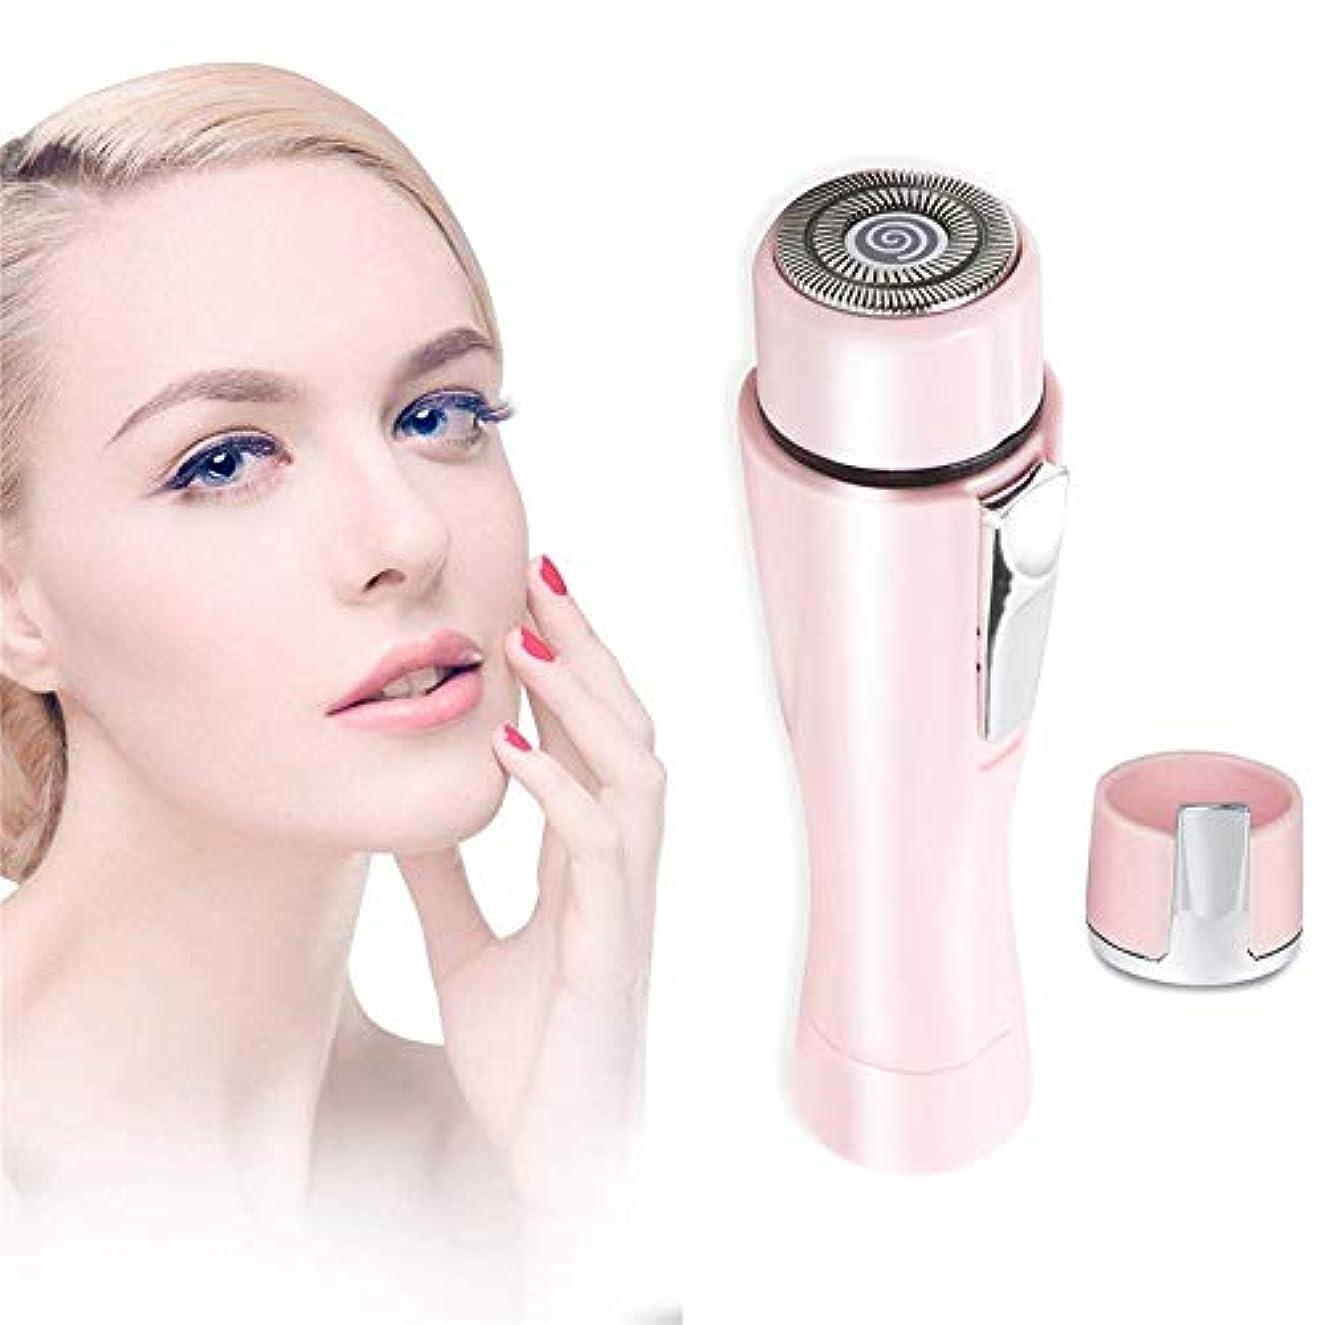 教カレッジパラシュート電気毛の除去剤、痛みのない顔の毛の除去剤、完璧な女性の顔の毛のトリマー - ピーチファズ、あご&上唇の口ひげの毛の効果的な除去